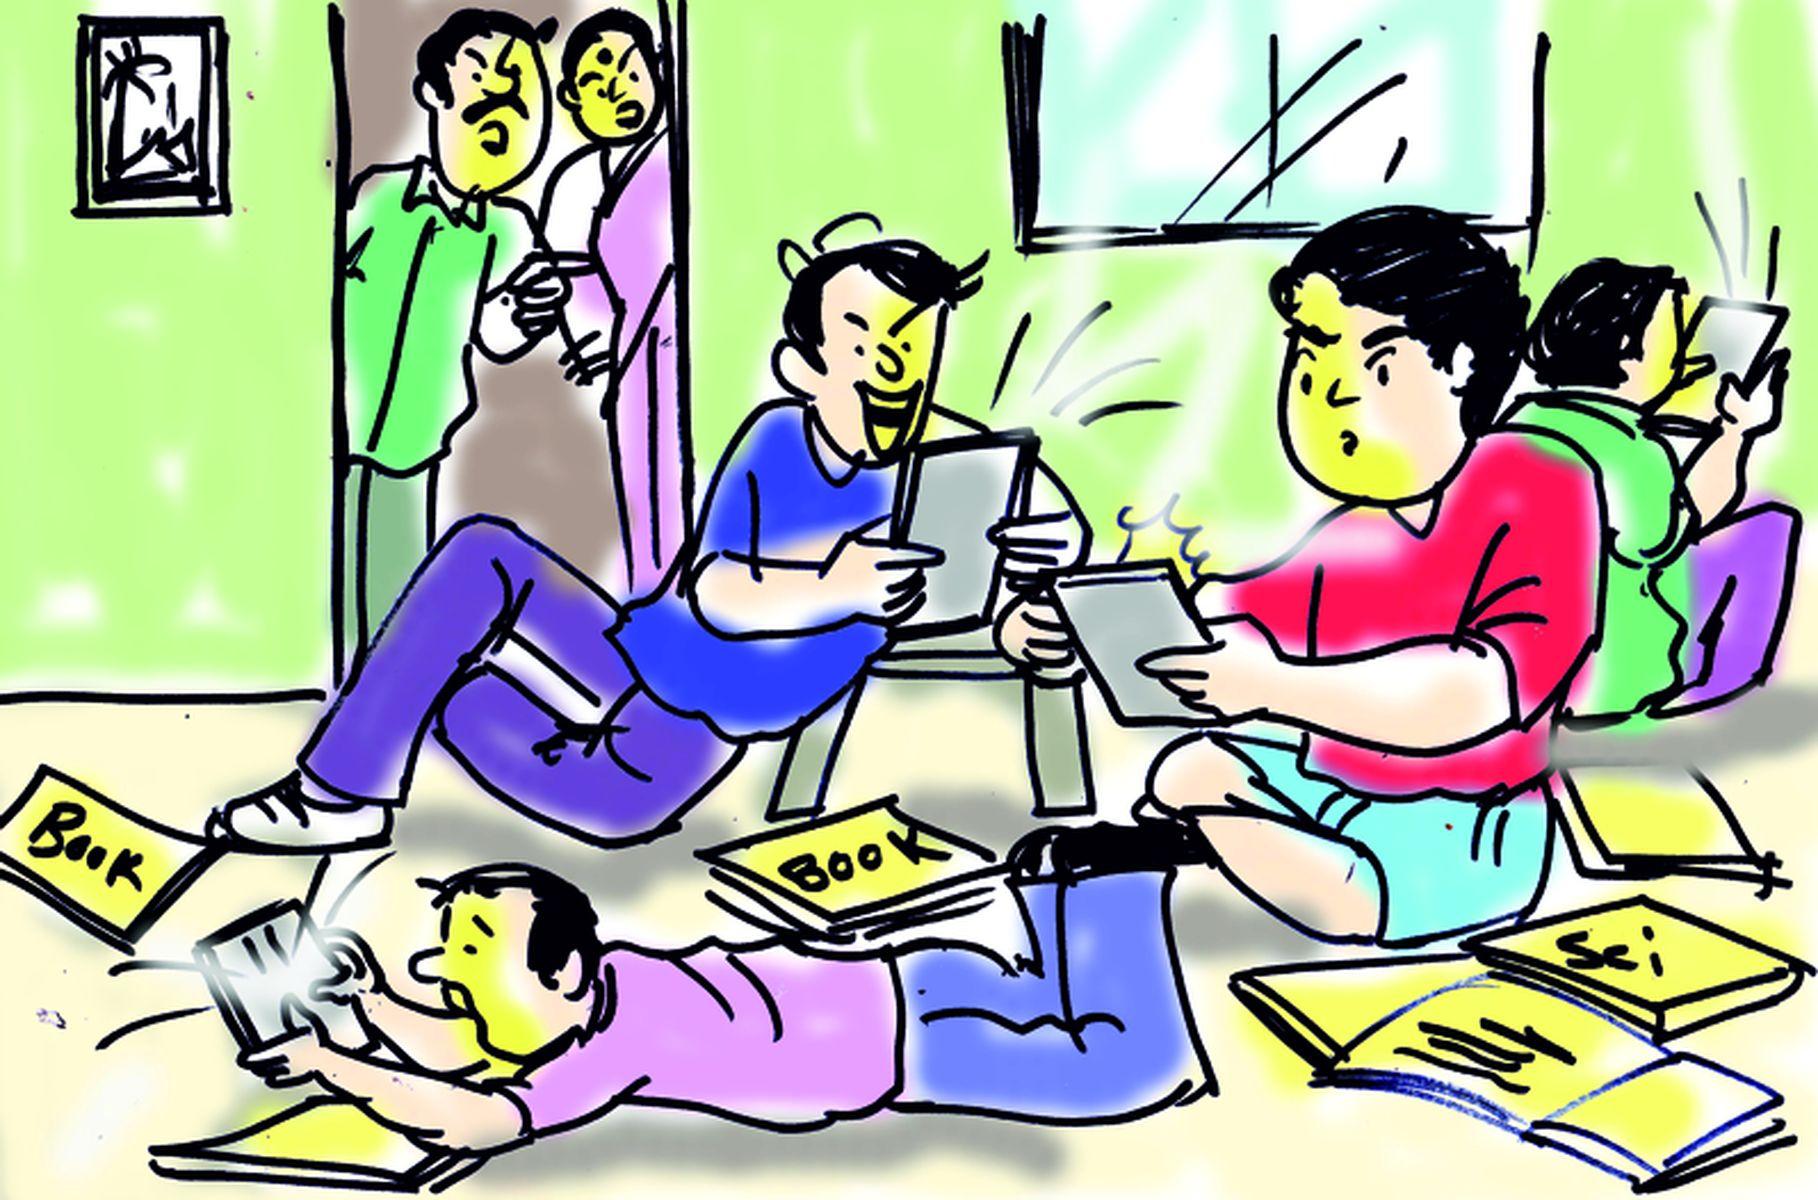 अध्यापकों को लगा तगड़ा झटका, जेडी-प्राचार्य कर सकेंगे पढ़ाई